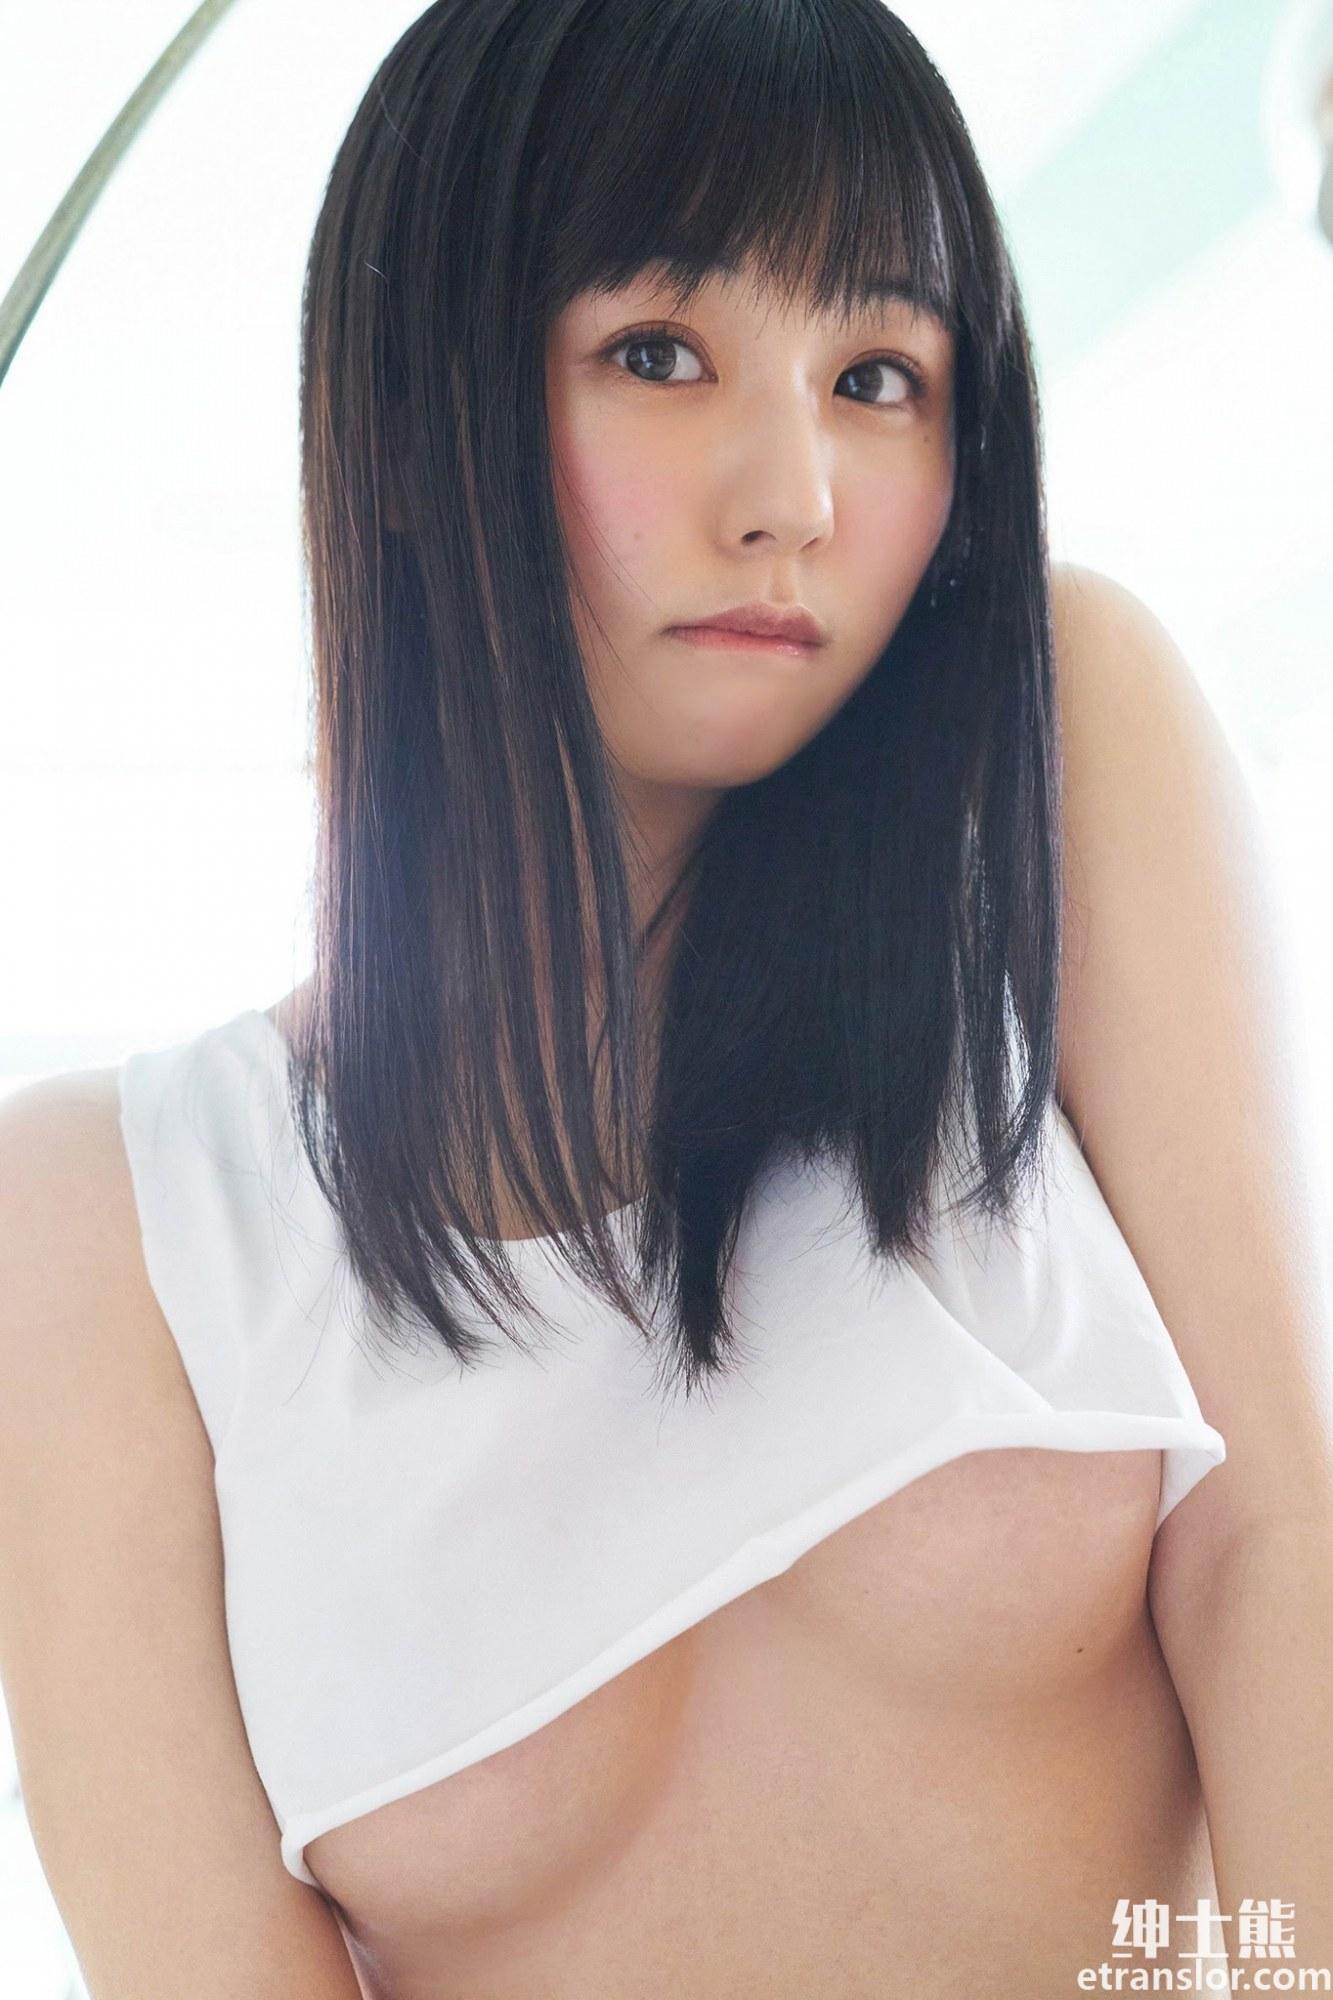 不用出门,栗田惠美短衬衫写真为你完美展示南半球 养眼图片 第14张